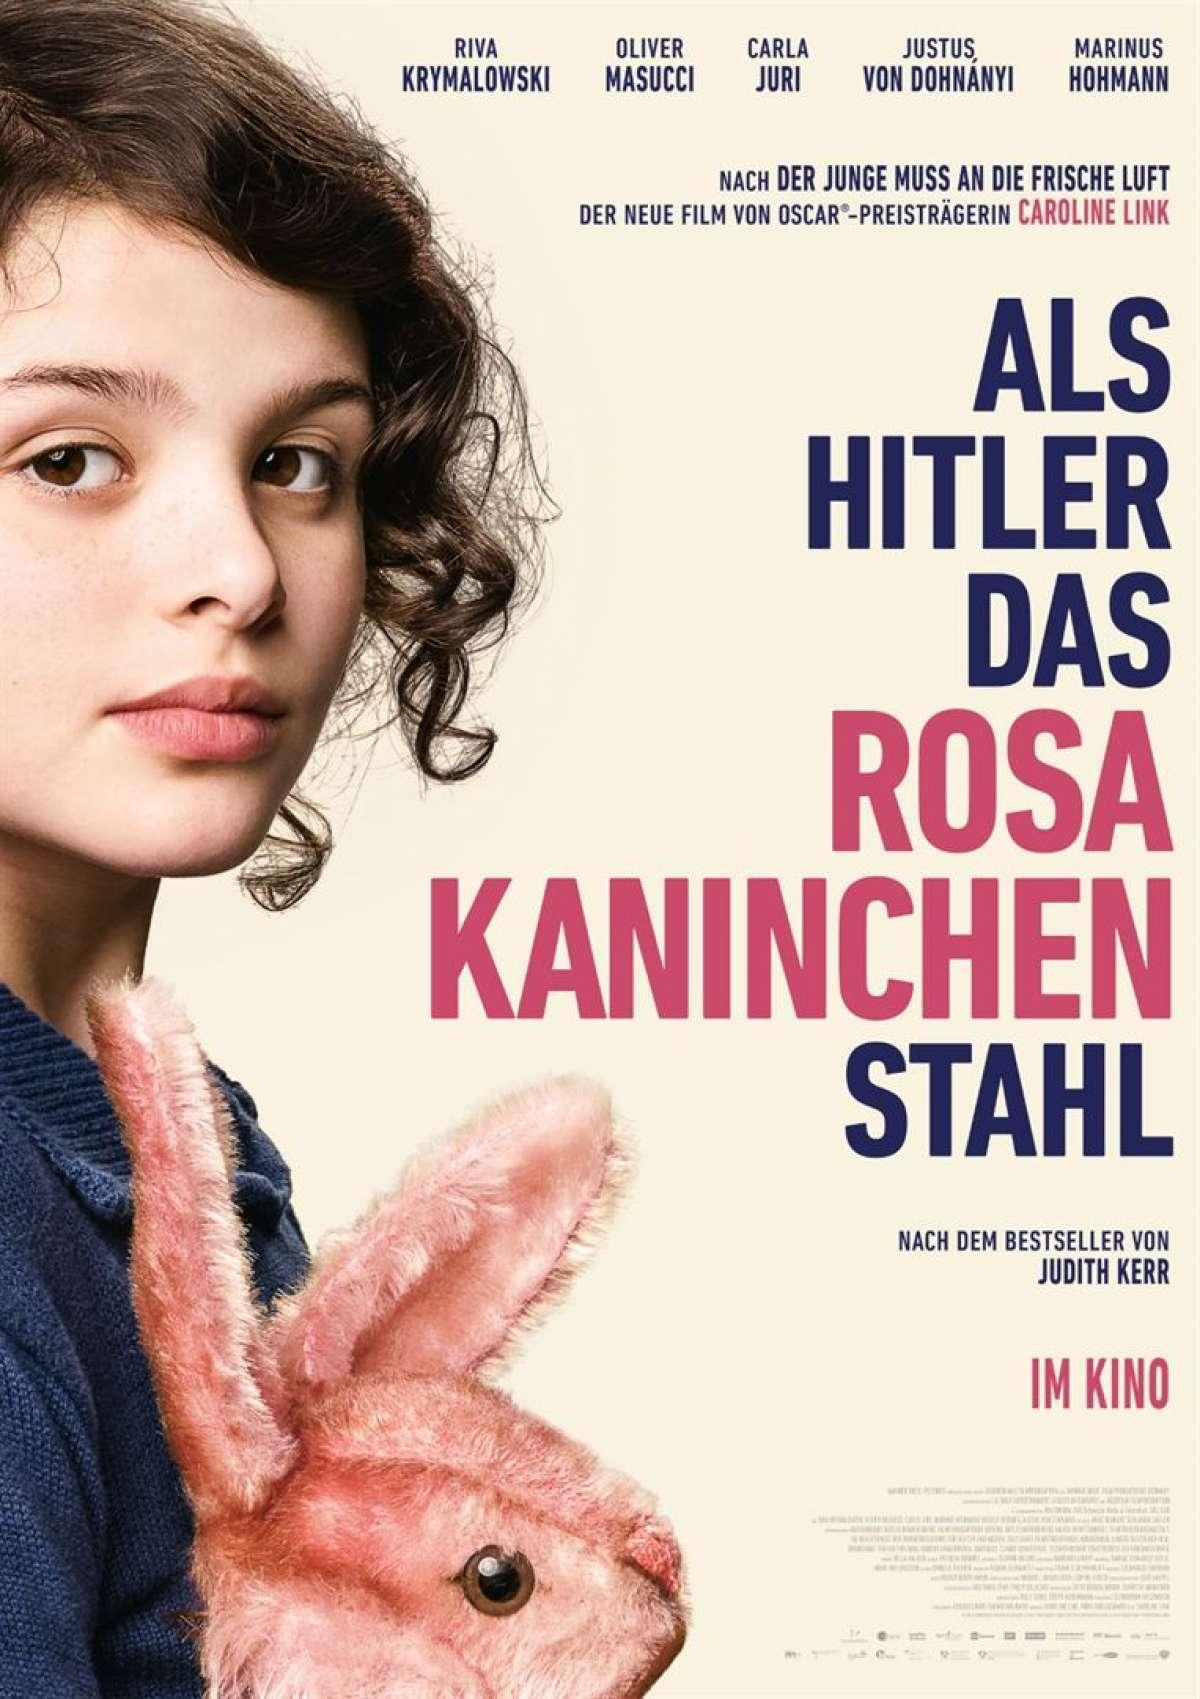 Als Hitler das rosa Kaninchen stahl - Cineplex  - Warburg